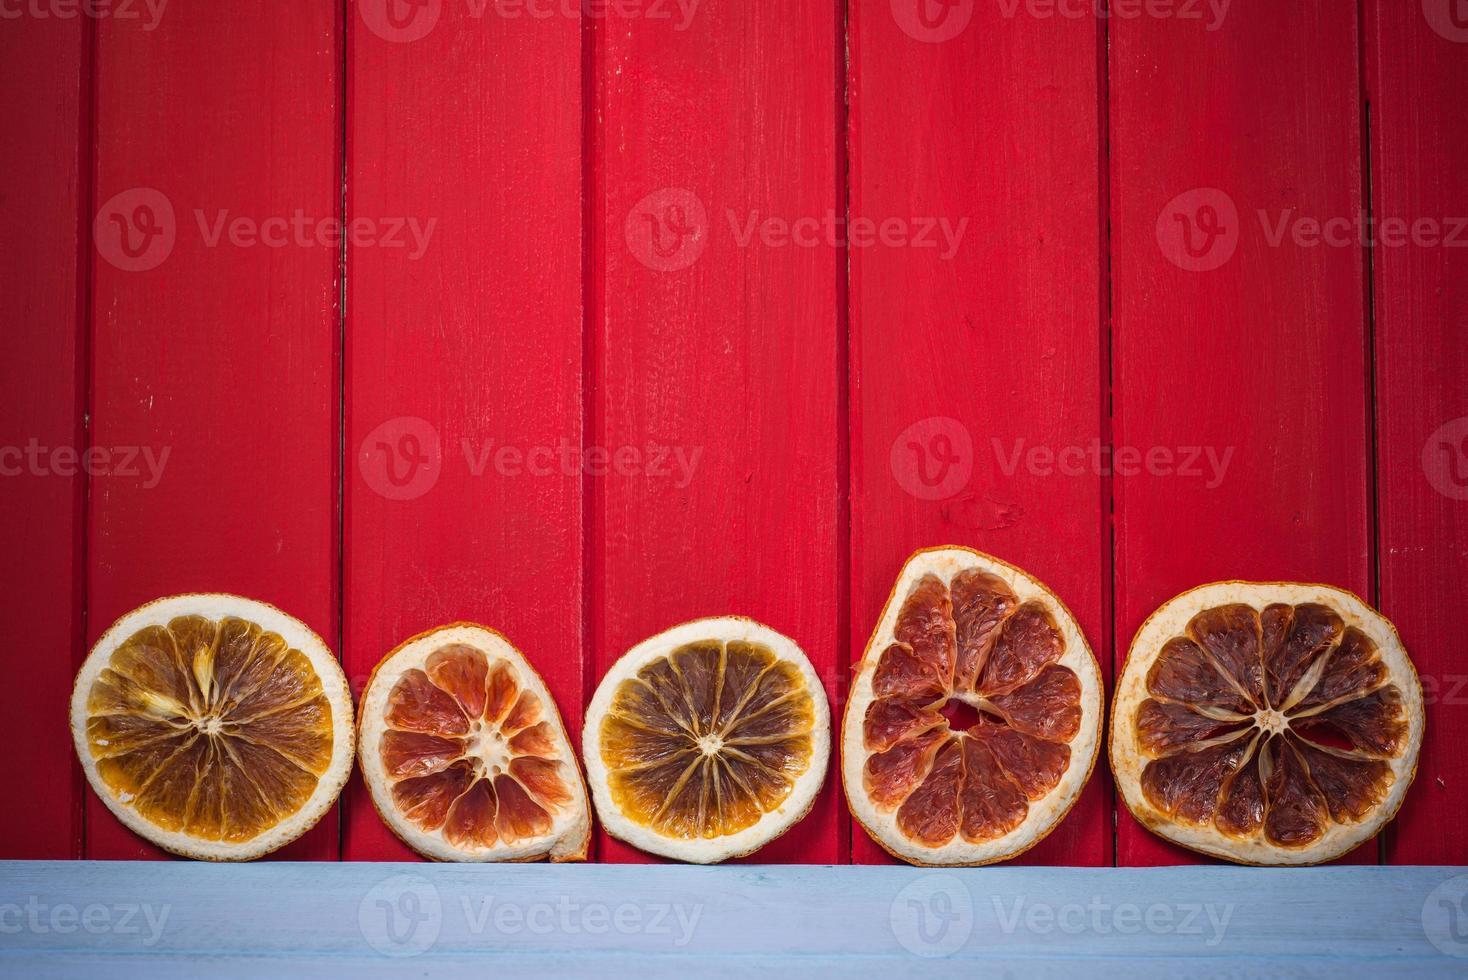 natuurlijke gedroogde fruit plakjes Kerst achtergrond foto